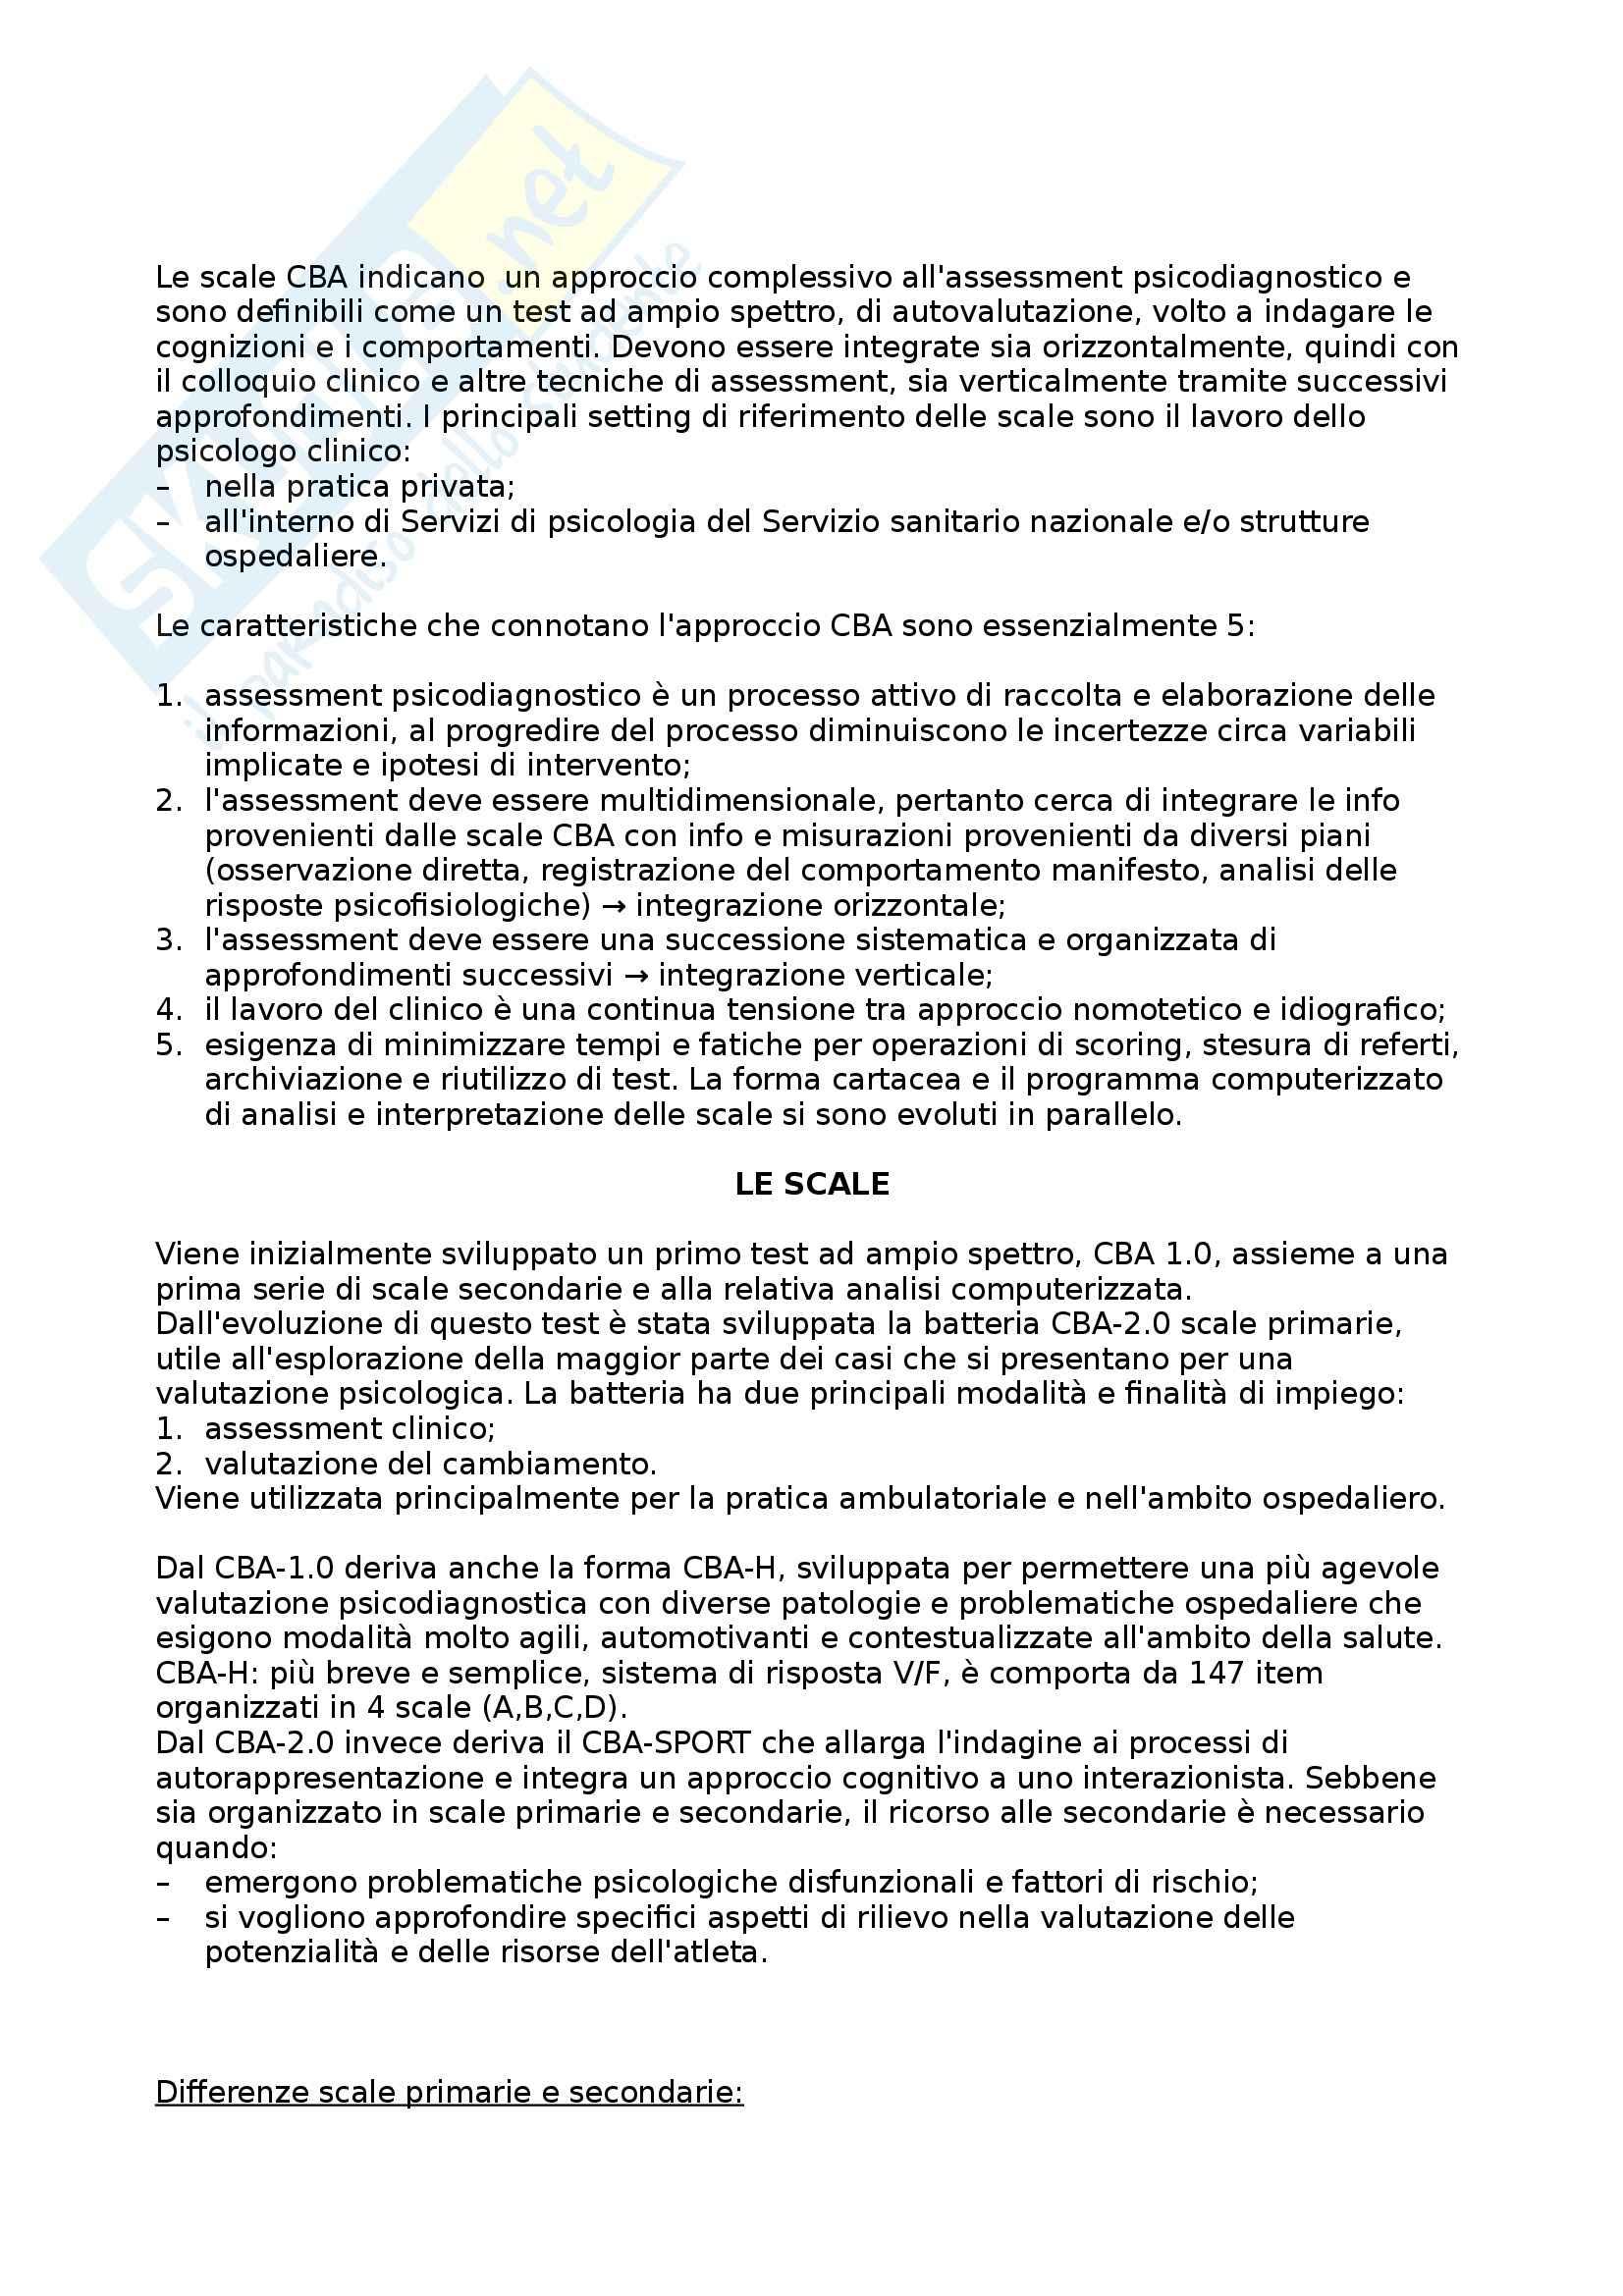 Riassunto esame Psicologia clinica, prof. Ghisi, libro consigliato CBA 2.0: La scala CBA, Cognitive Behavioural Assessment